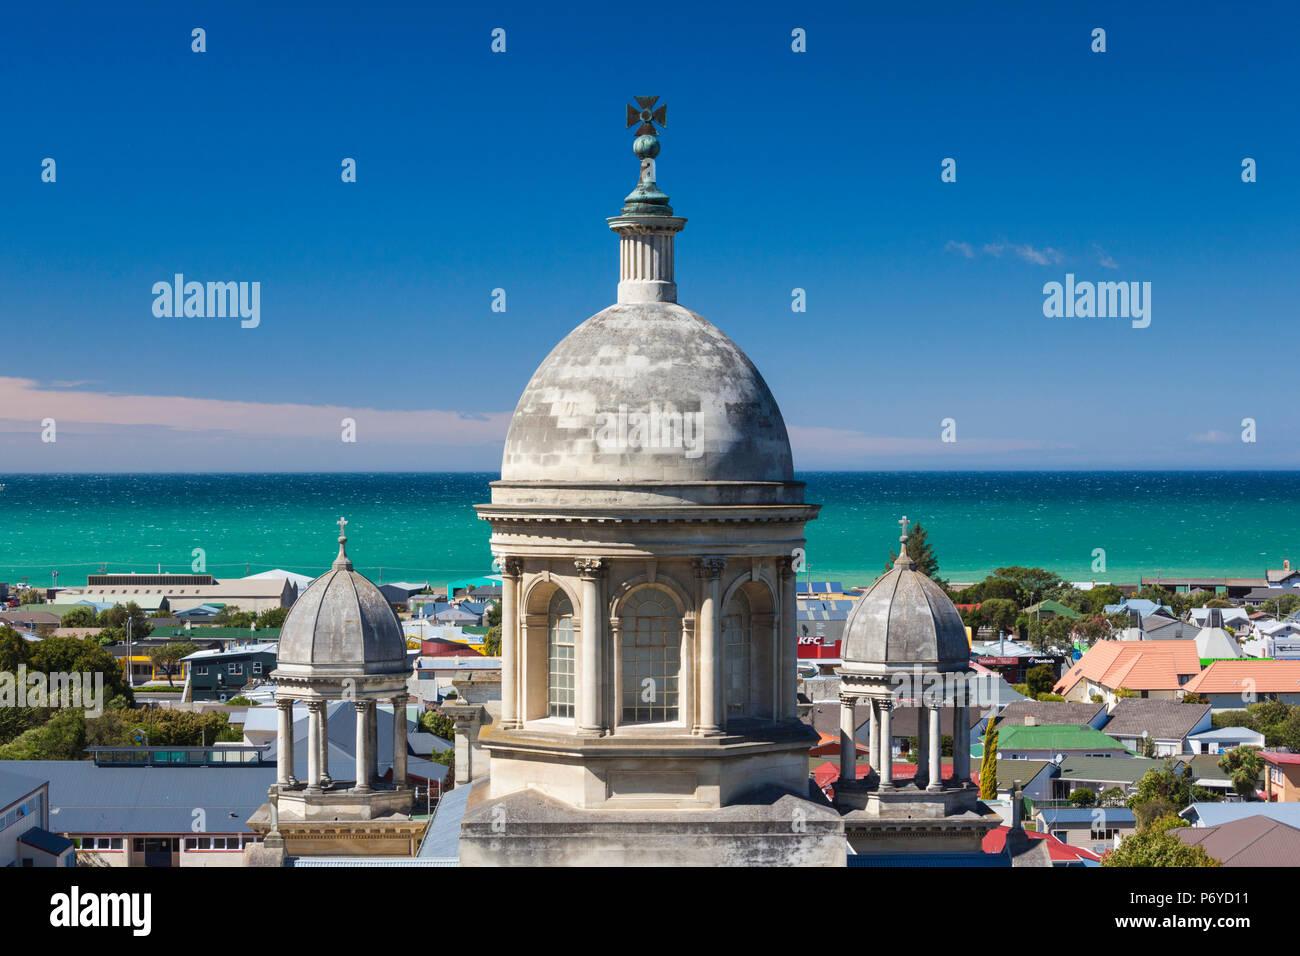 Nueva Zelanda, Otago, Isla del Sur, Oamaru, elevó la vista de la Basílica de San Patricio Imagen De Stock